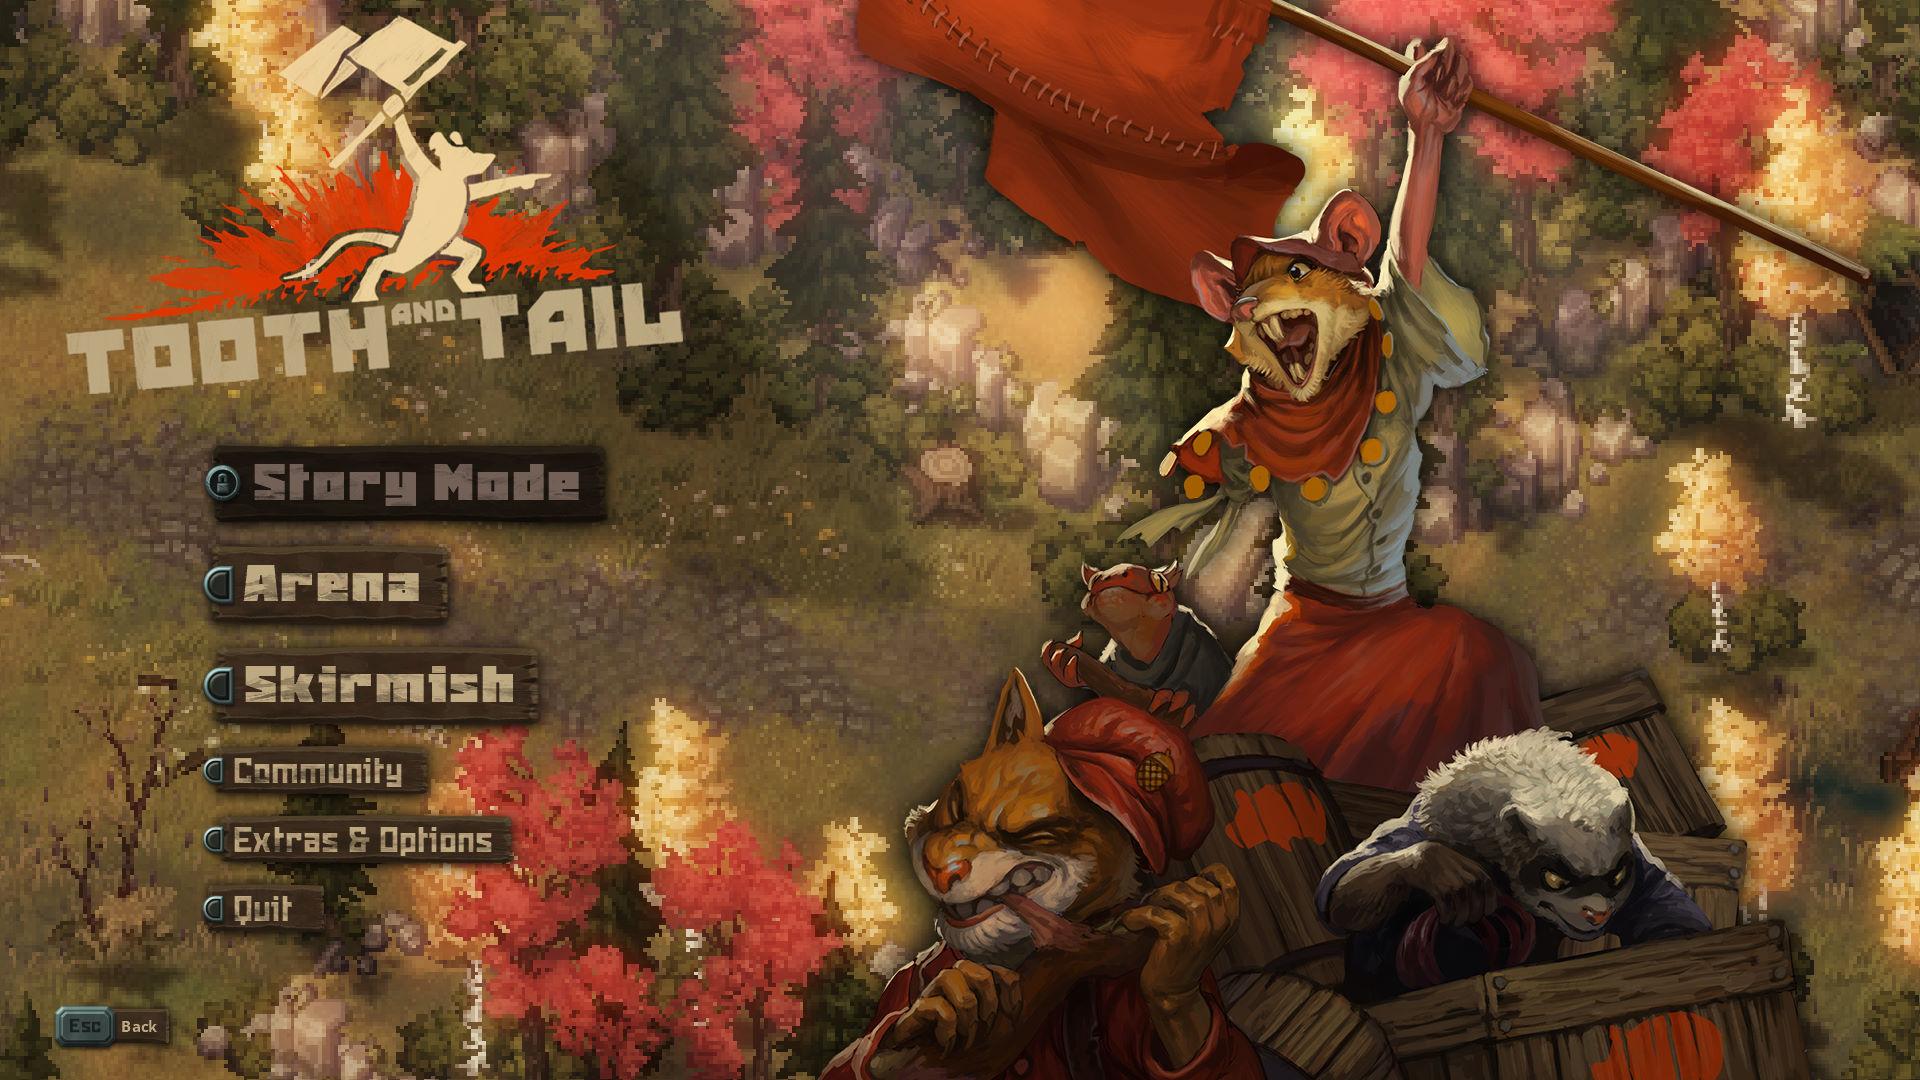 Скриншоты к Tooth and Tail v1.1.4.1 новая версия